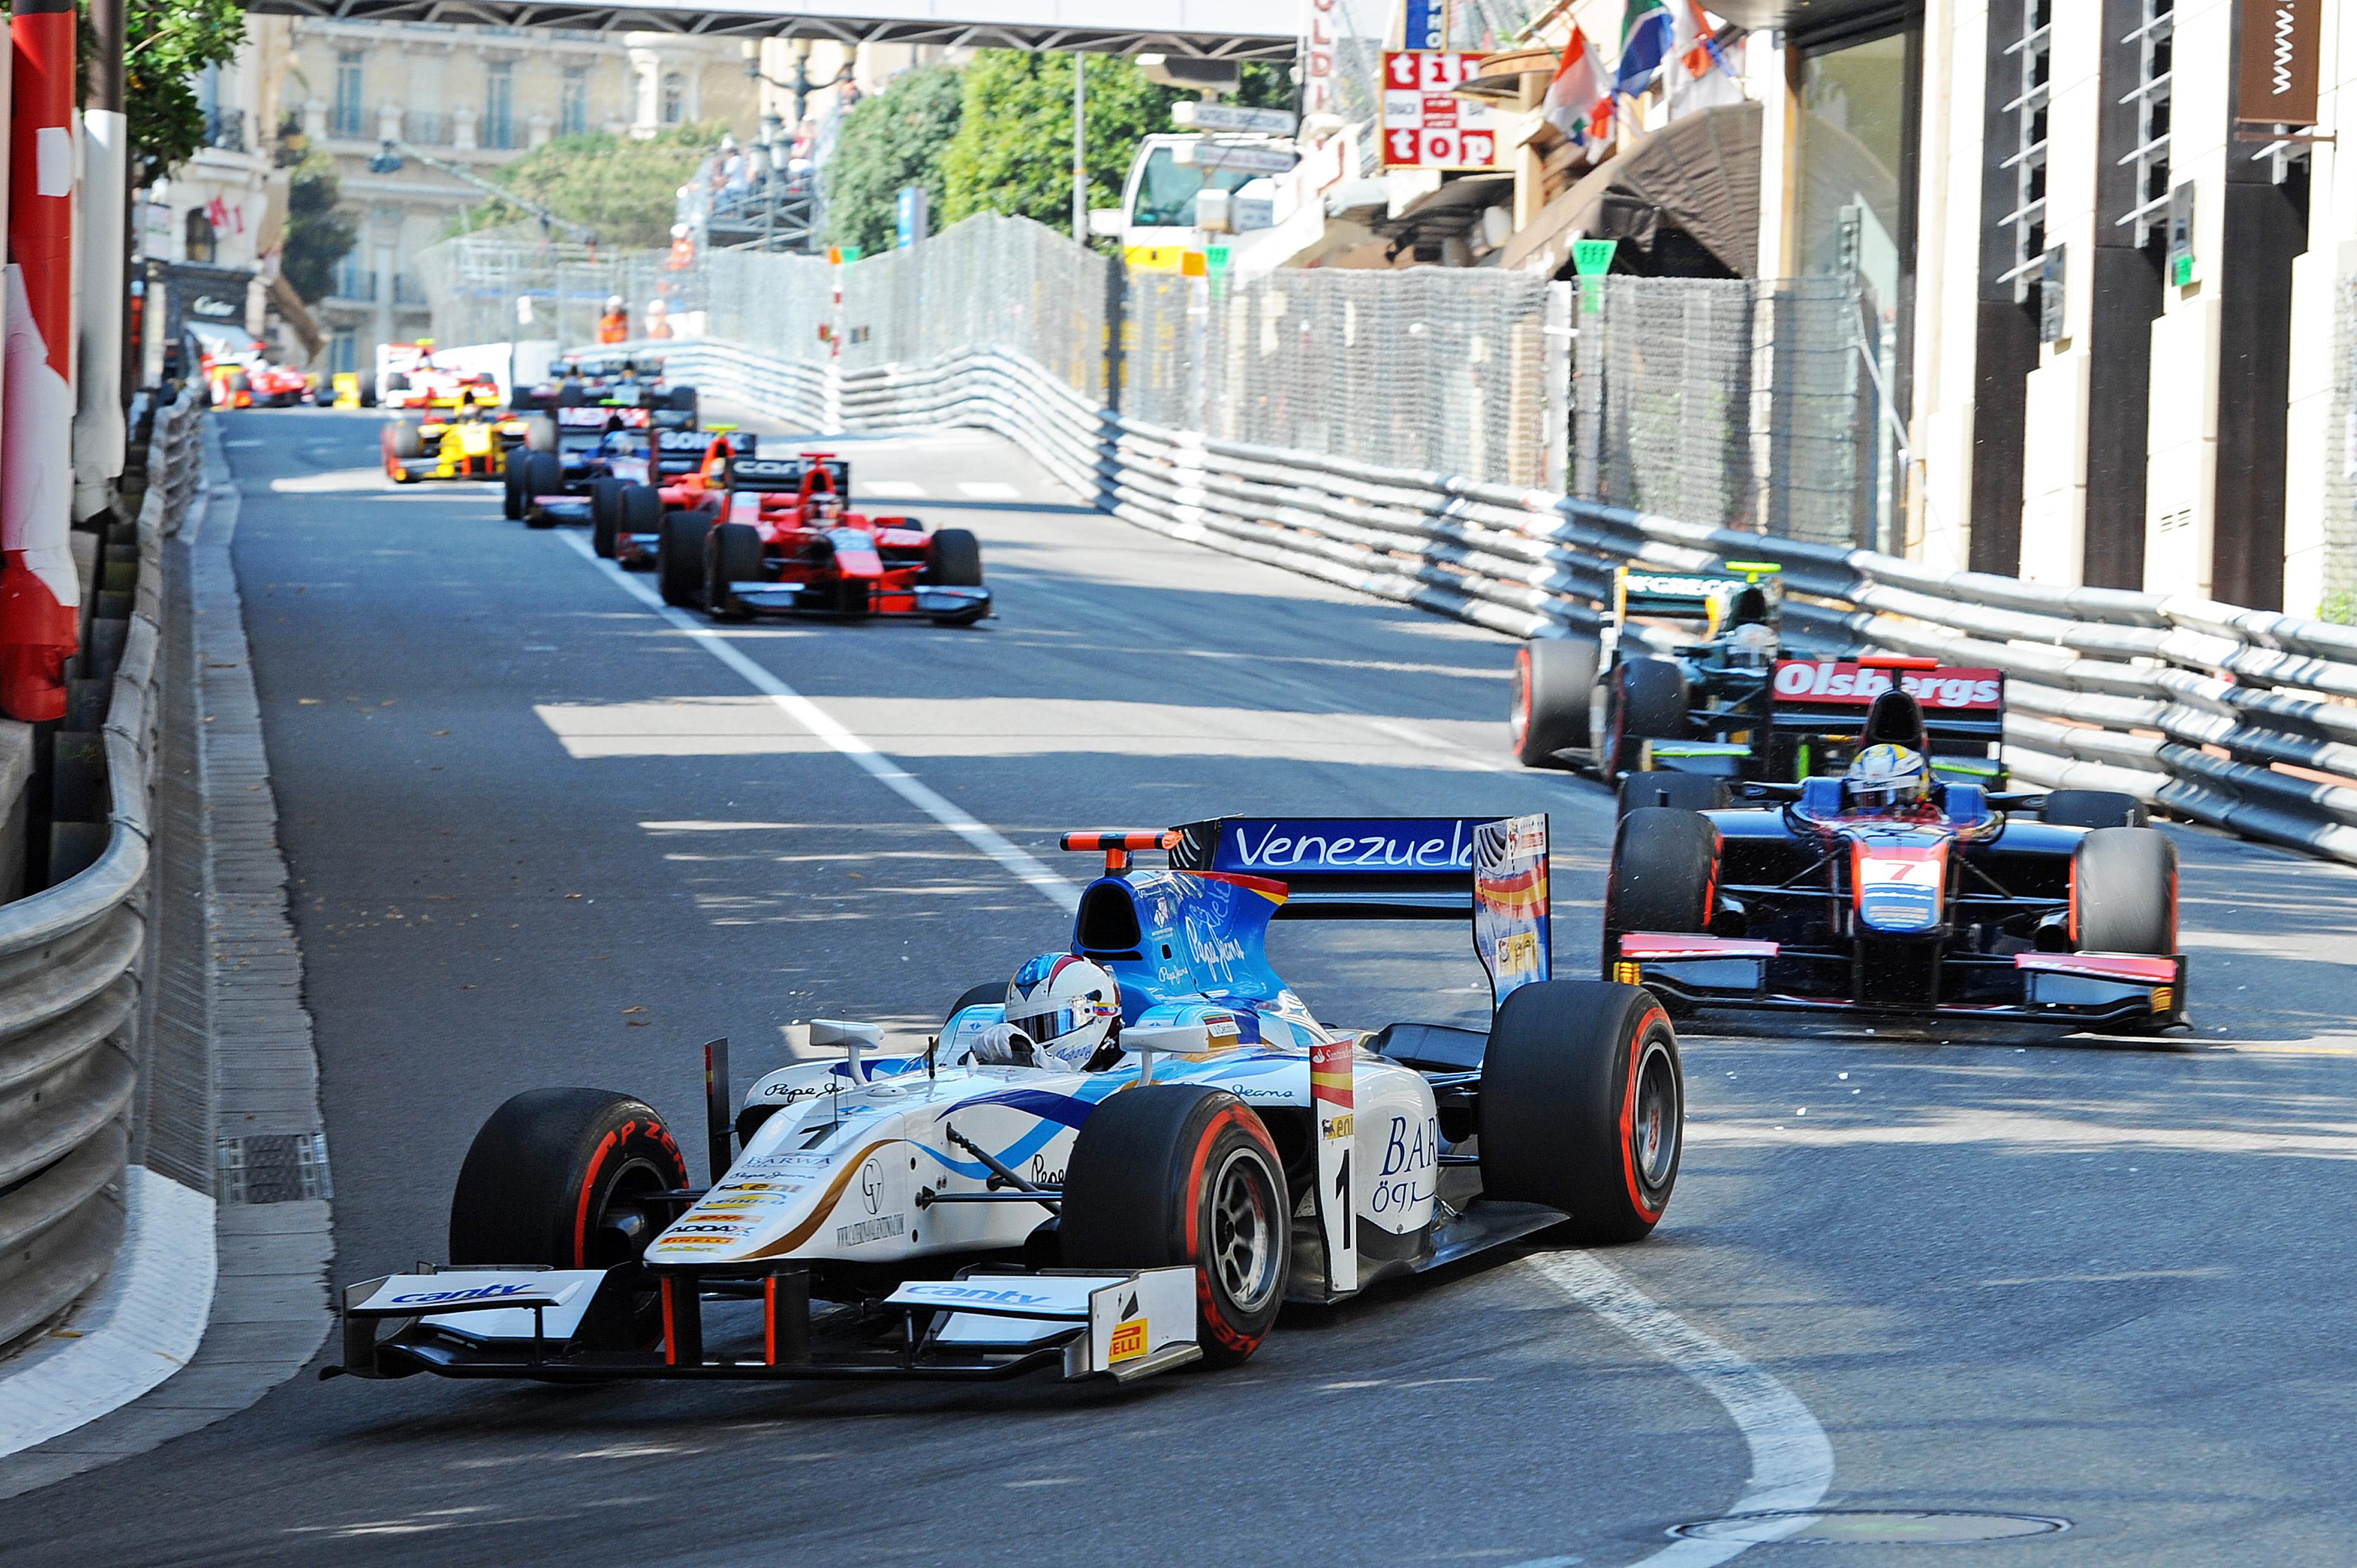 F1 2012 - Monaco Grand Prix